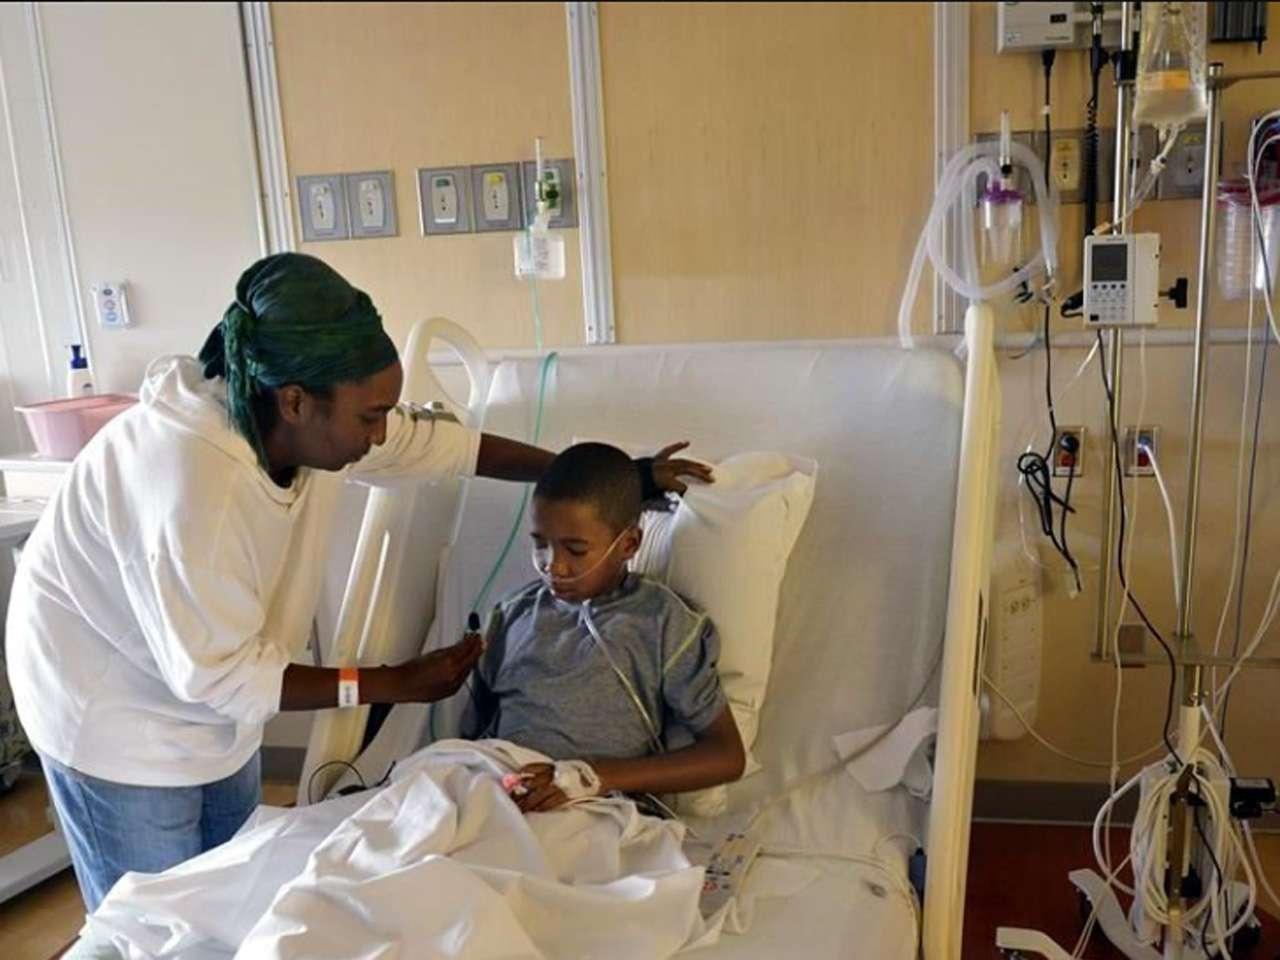 Los nueve niños en Colorado tenían problemas respiratorios y luego desarrollaron problemas neurológicos, anunciaron los Centros para el Control y Prevención de Enfermedades Foto: AP en español